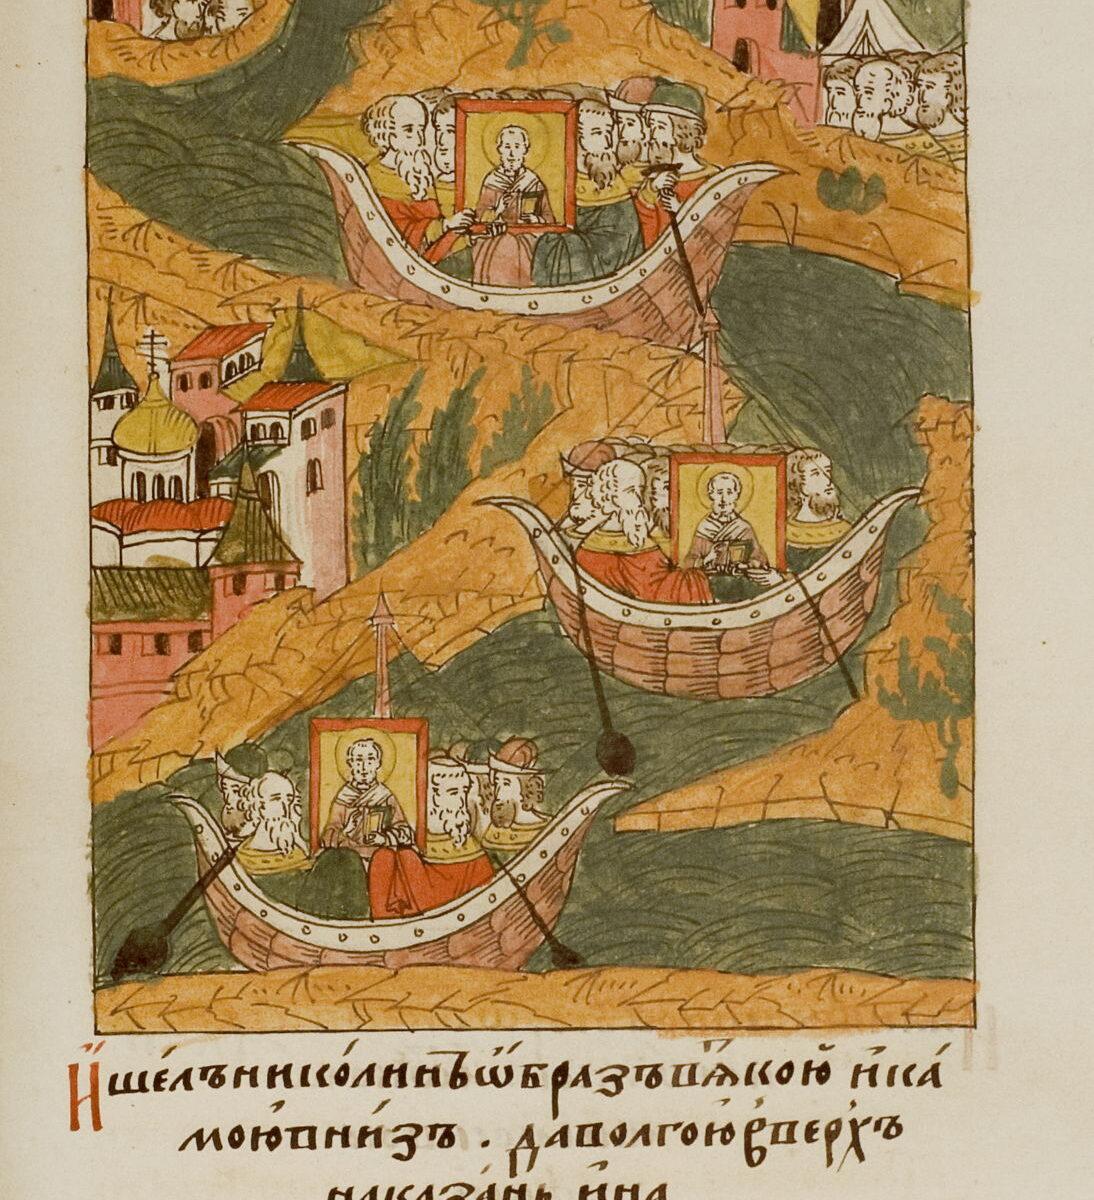 Путешествие водой образа Николы Великорецкого. Миниатюра Лицевого летописного свода.